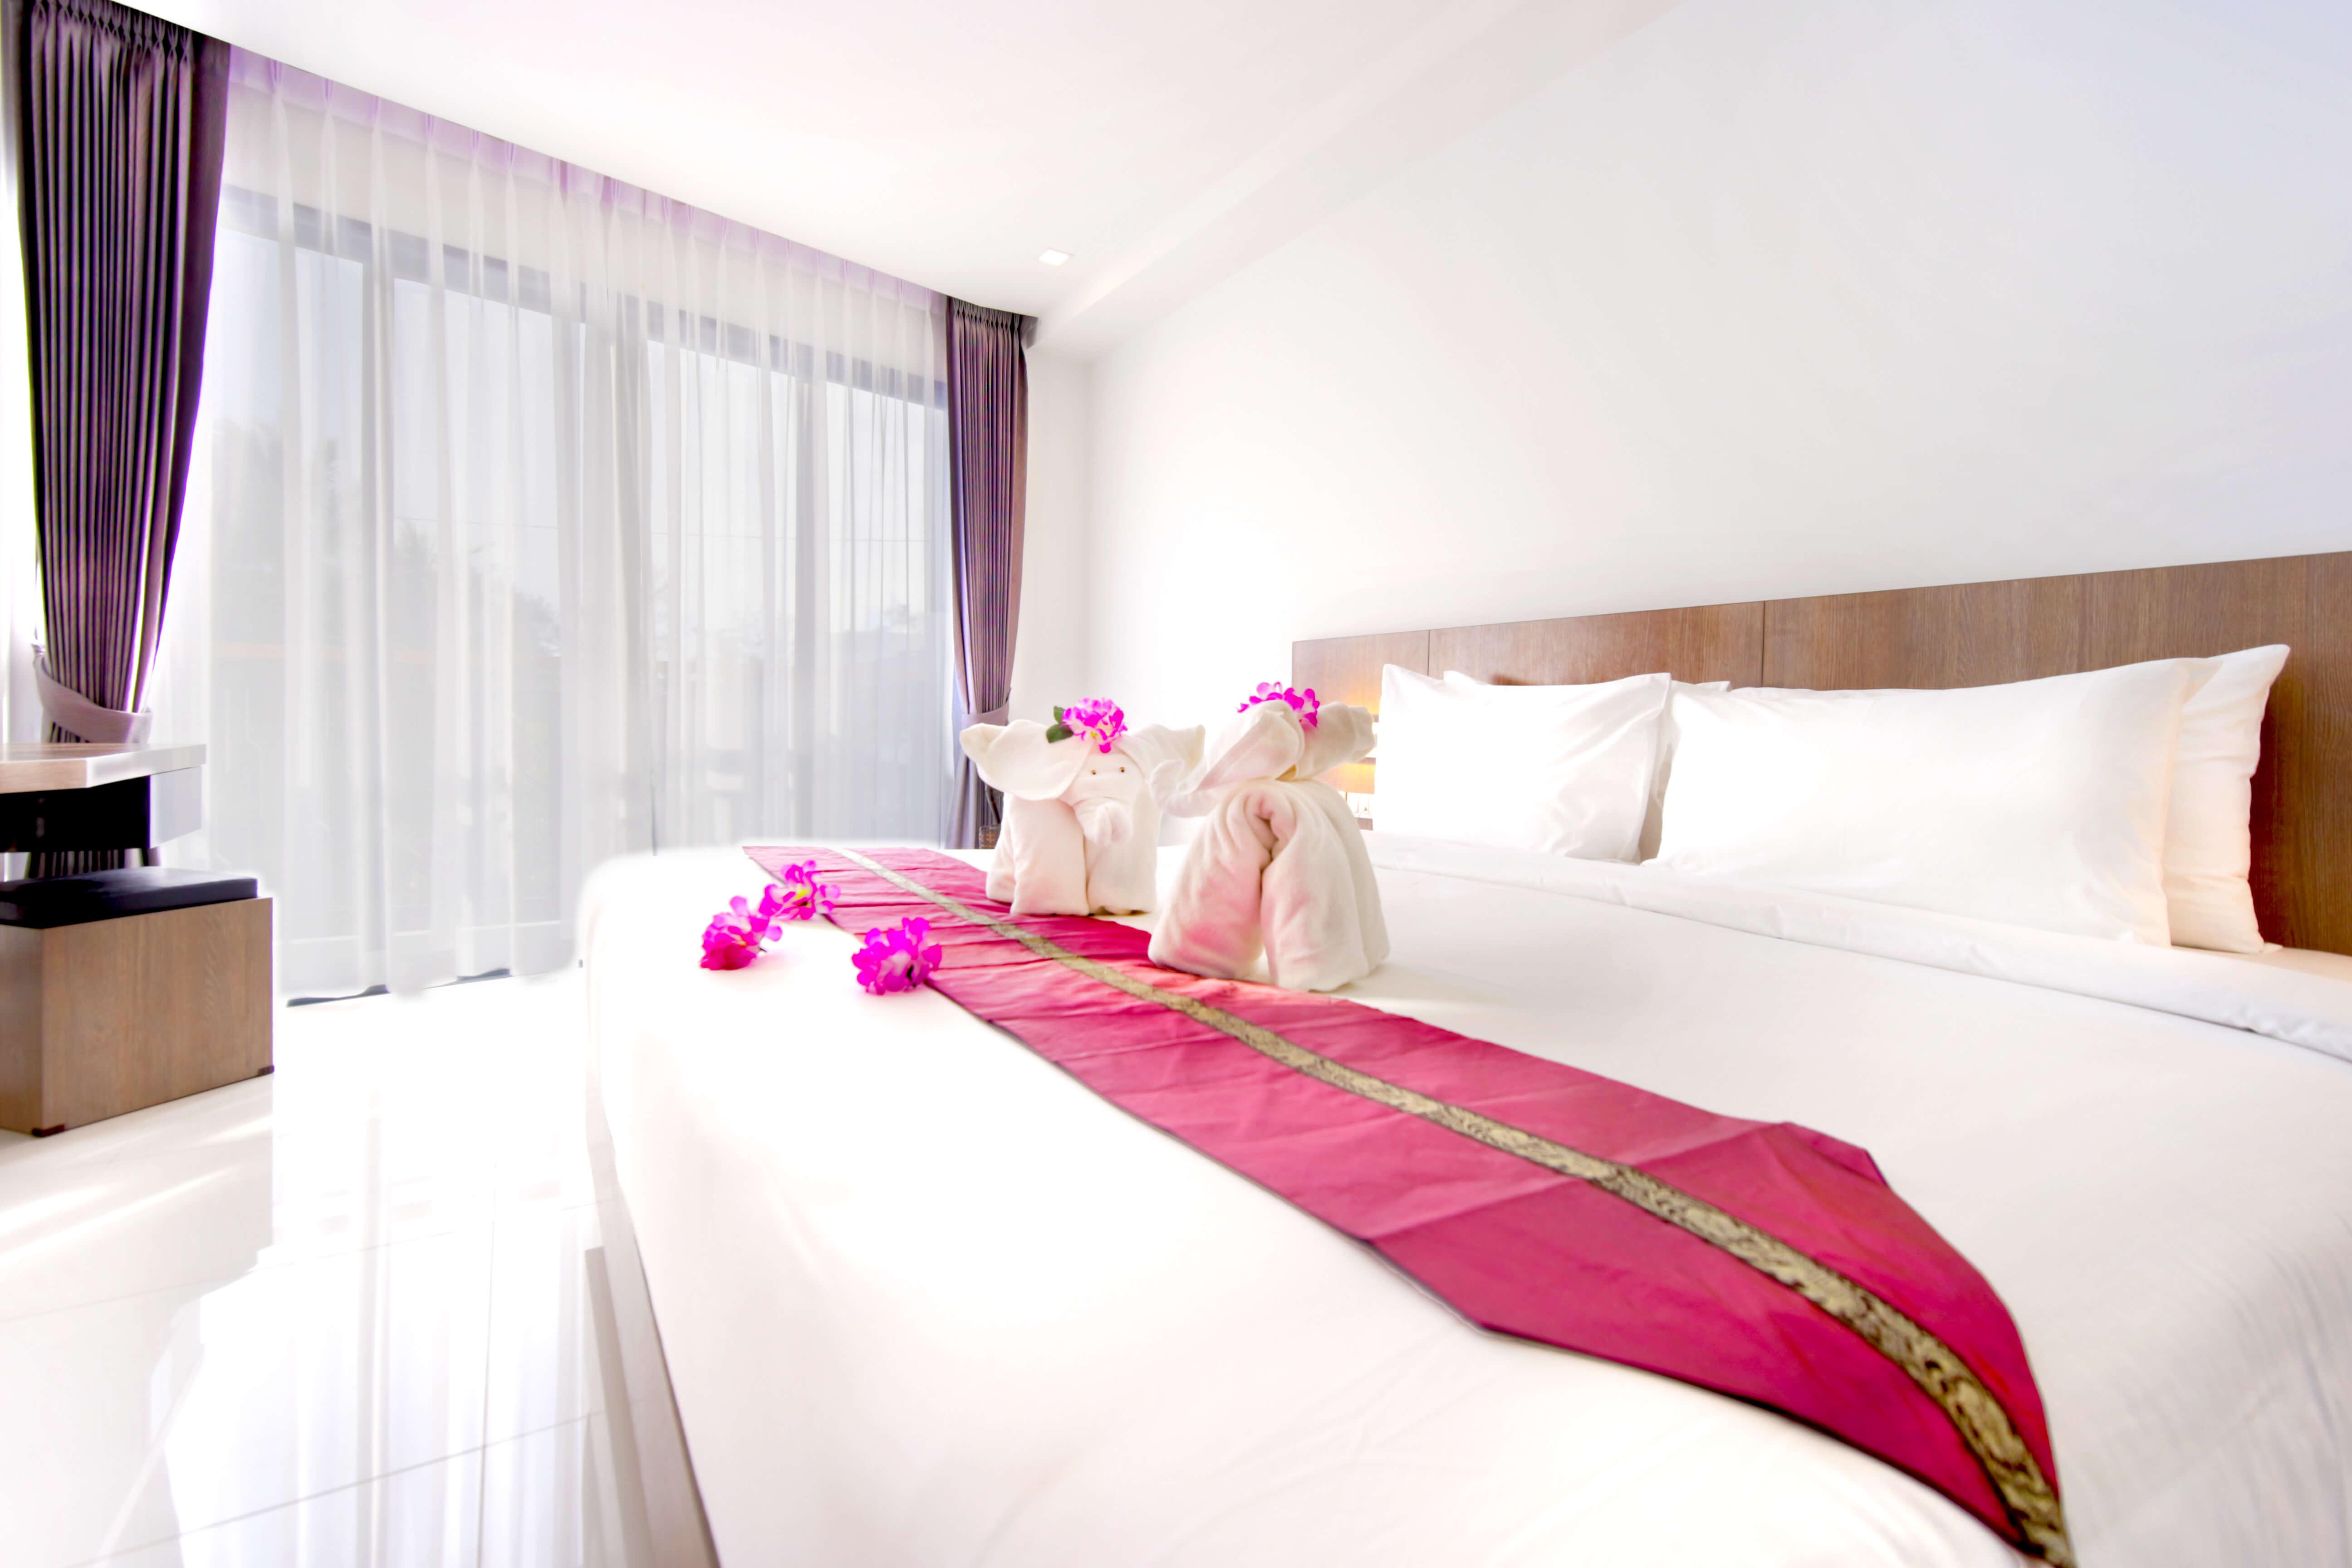 karon hotel room